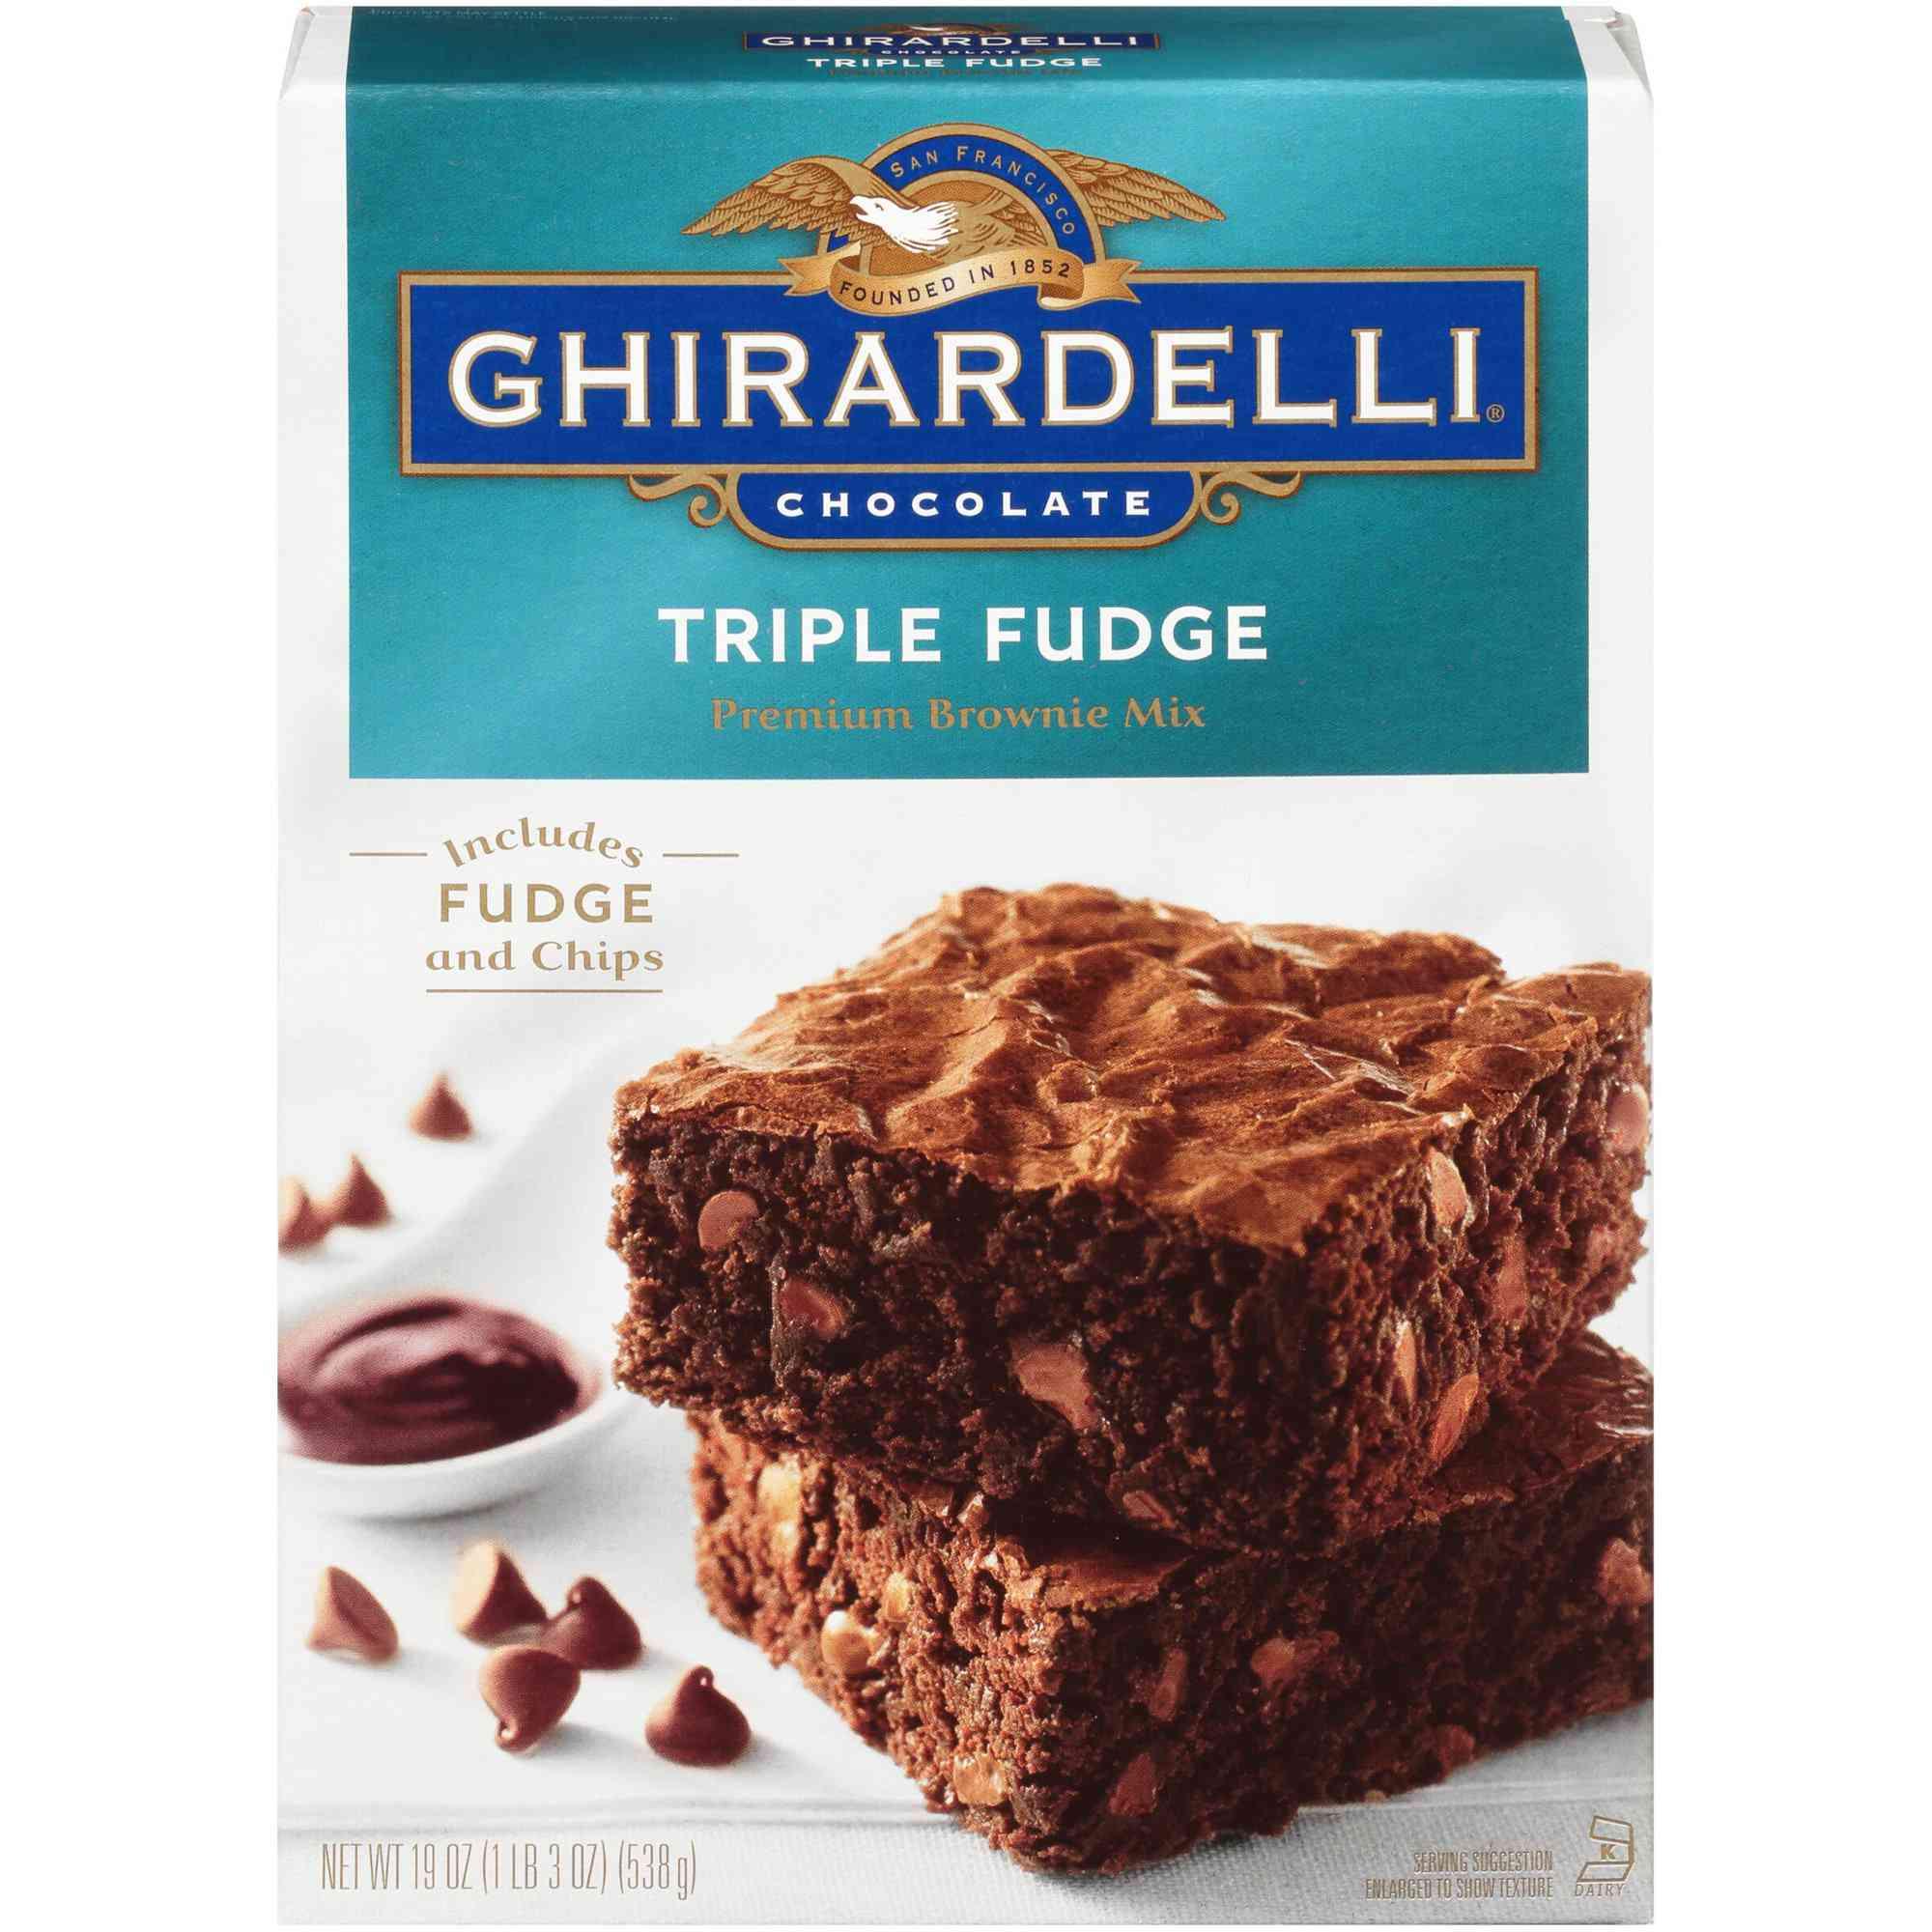 Ghirardelli Chocolate Triple Fudge Premium Brownie Mix